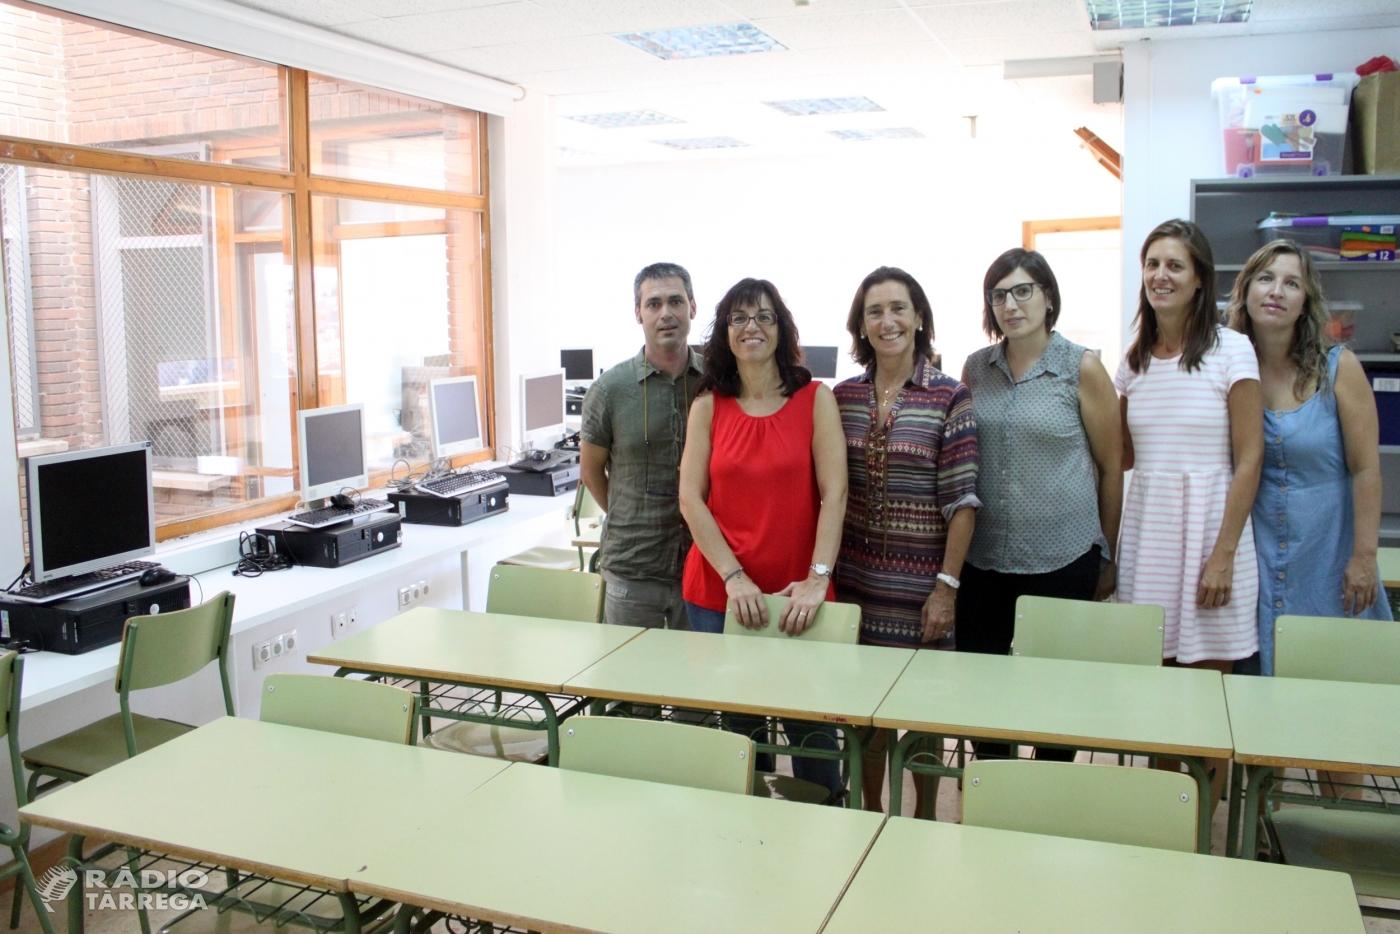 L'Ajuntament de Tàrrega amplia i millora les instal·lacions del Pla de Transició al Treball, servei d'inserció laboral i continuïtat educativa per a gent jove